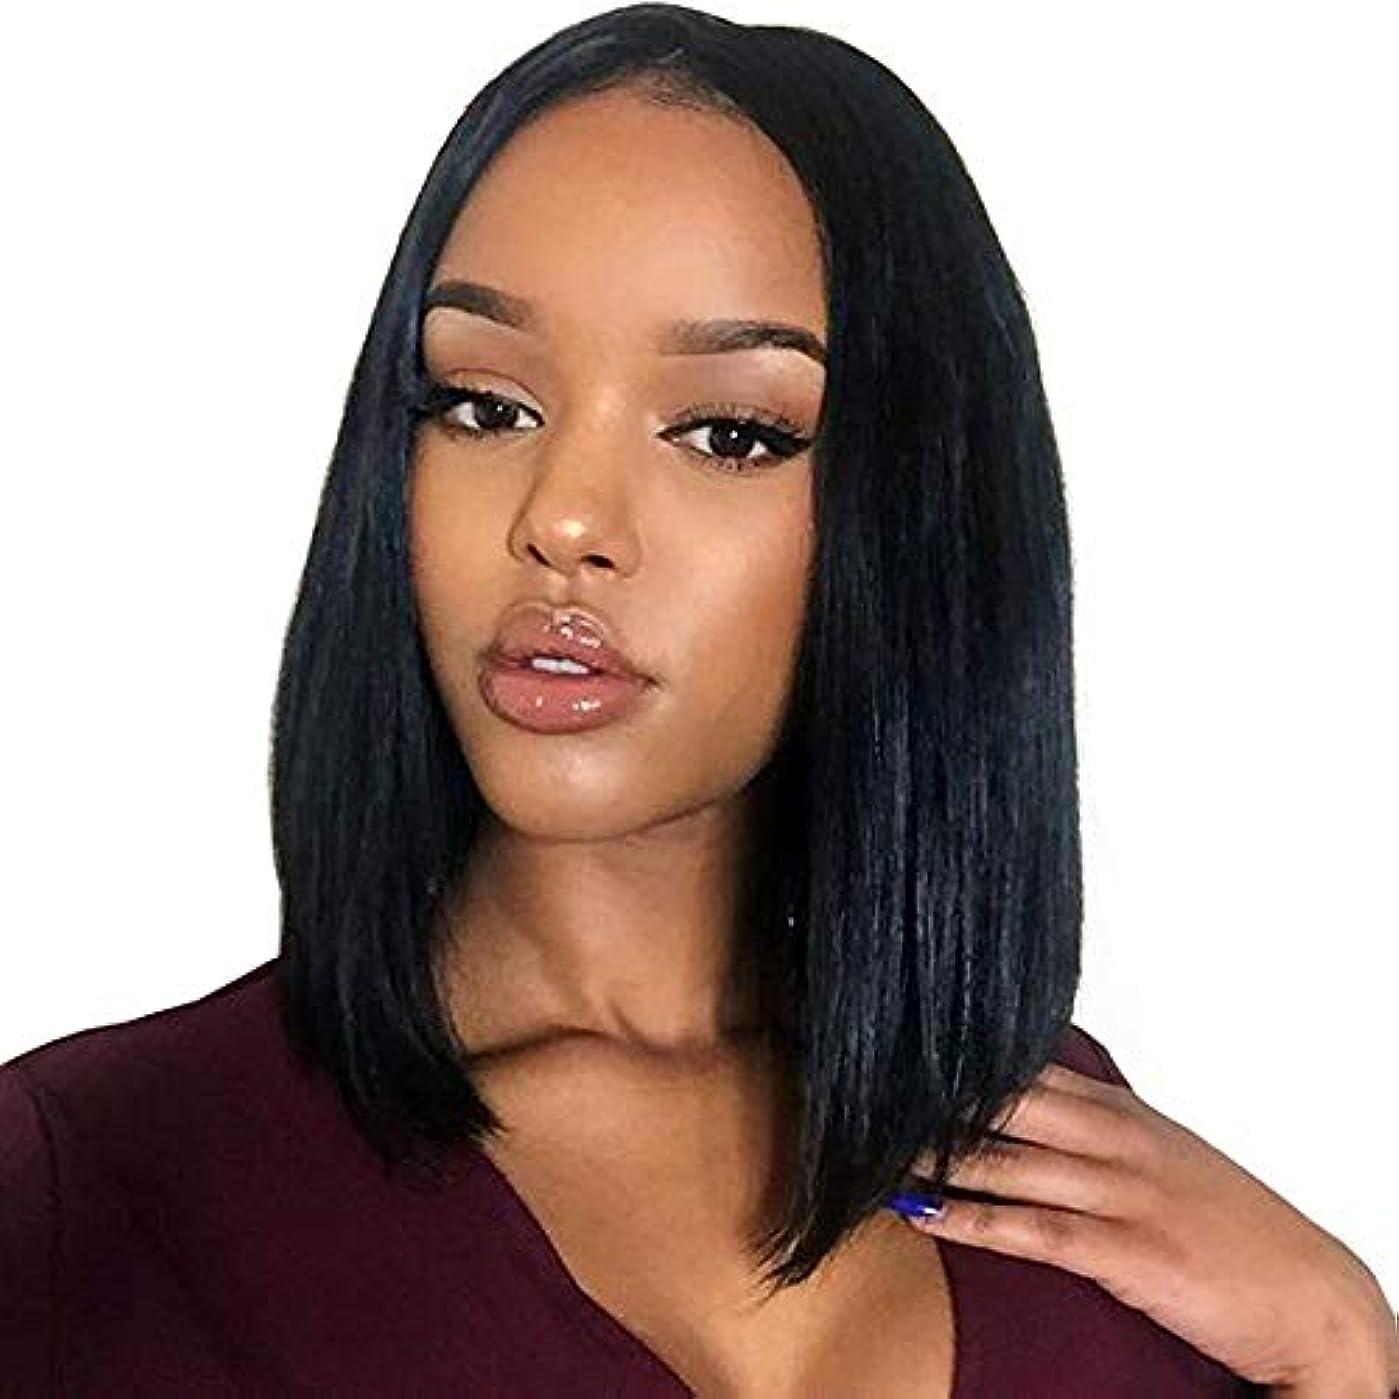 音節多様な探すYOUQIU 女性サイドパートミディアムの長さのヘアウィッグウィッグ黒ナチュラルストレートボブの合成ウィッグ (色 : 黒)